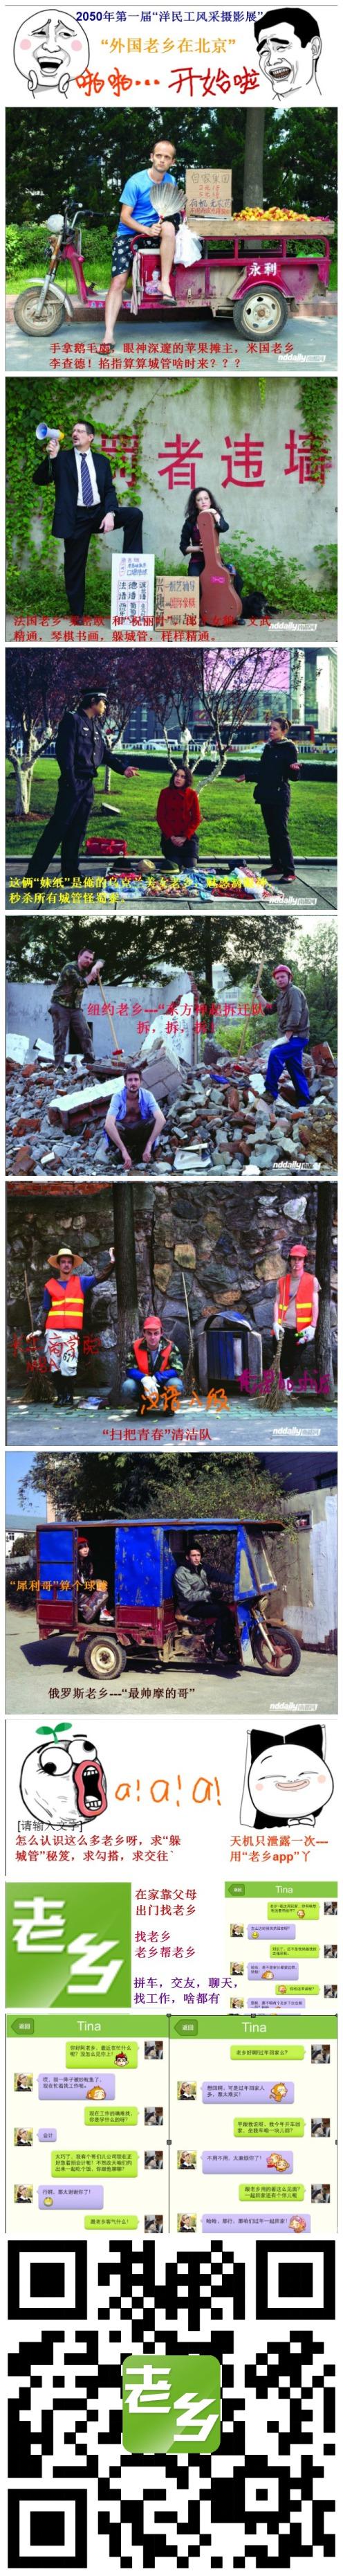 洋民工老乡在中国